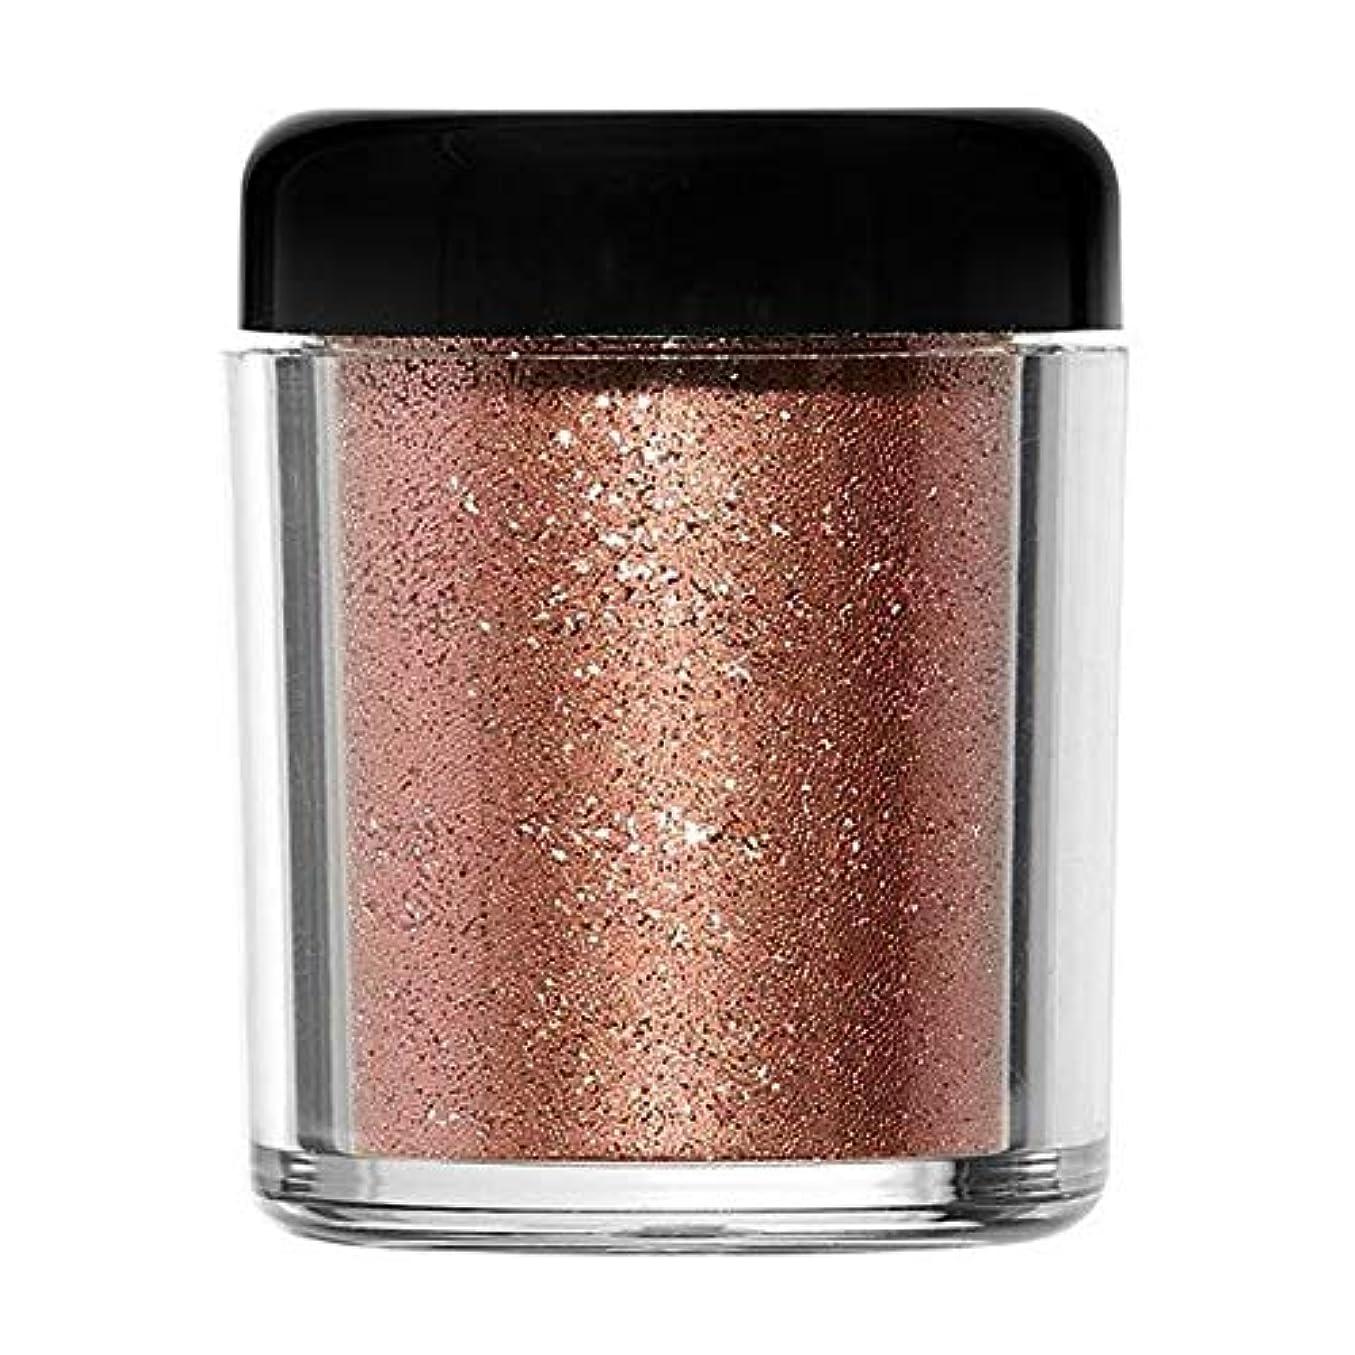 重要な履歴書普及[Barry M ] バリーメートルのグリッターラッシュボディの輝き - ローズクォーツ - Barry M Glitter Rush Body Glitter - Rose Quartz [並行輸入品]